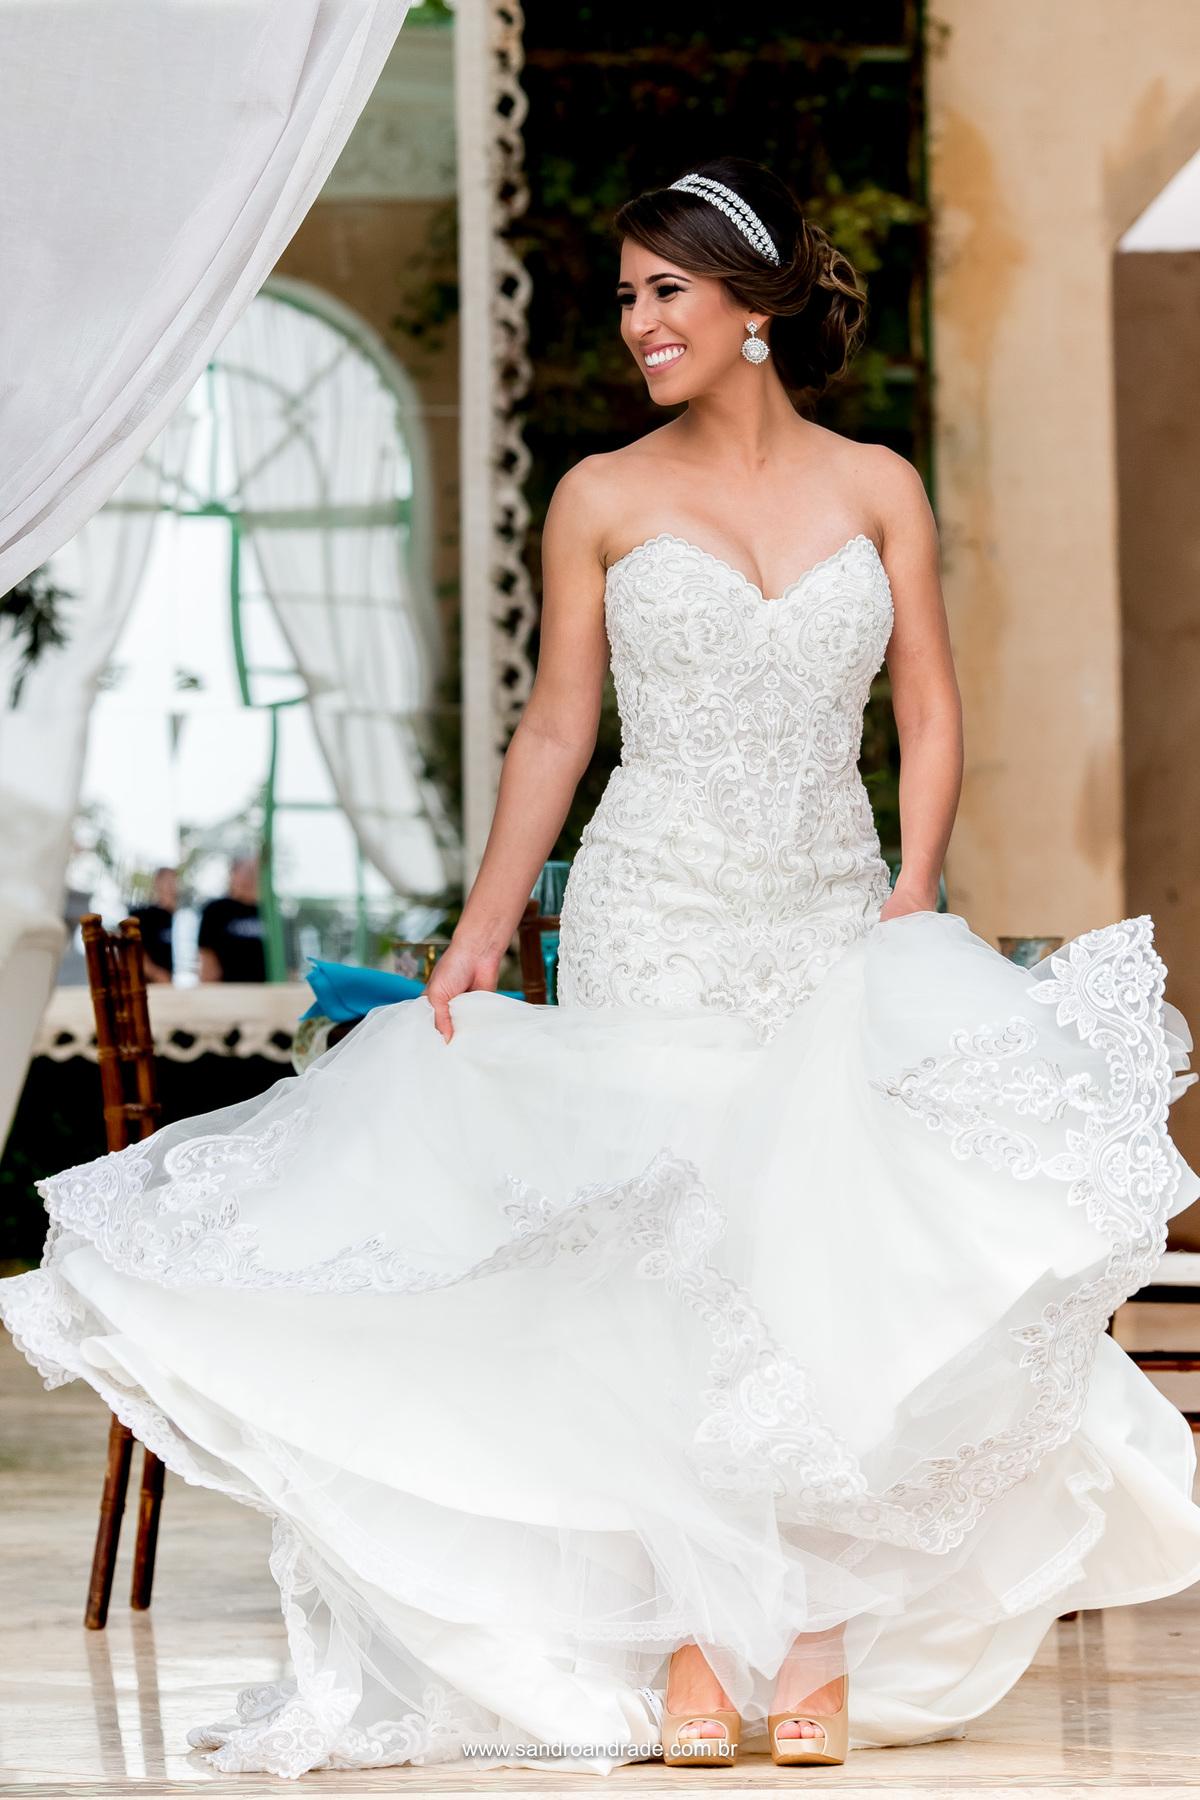 Linda fotografia da noiva, retrato da linda noiva Milena registrado por Sandro Andrade fotógrafo de casamentos, uma fotografia linda de noiva com criatividade e técnica pegando o movimento do vestido.